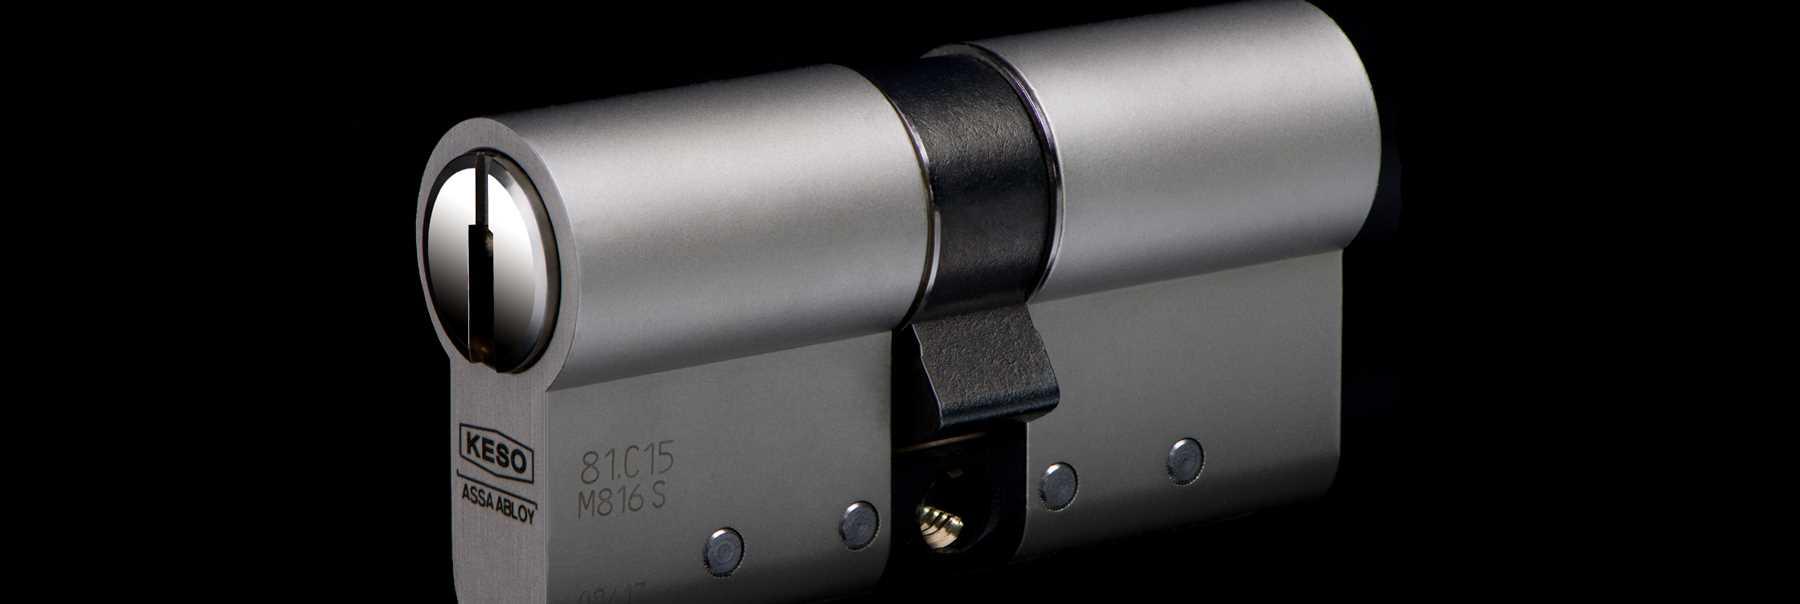 KESO-8000.-El-cilindro-más-seguro-del-mercado-EUROIBERIA